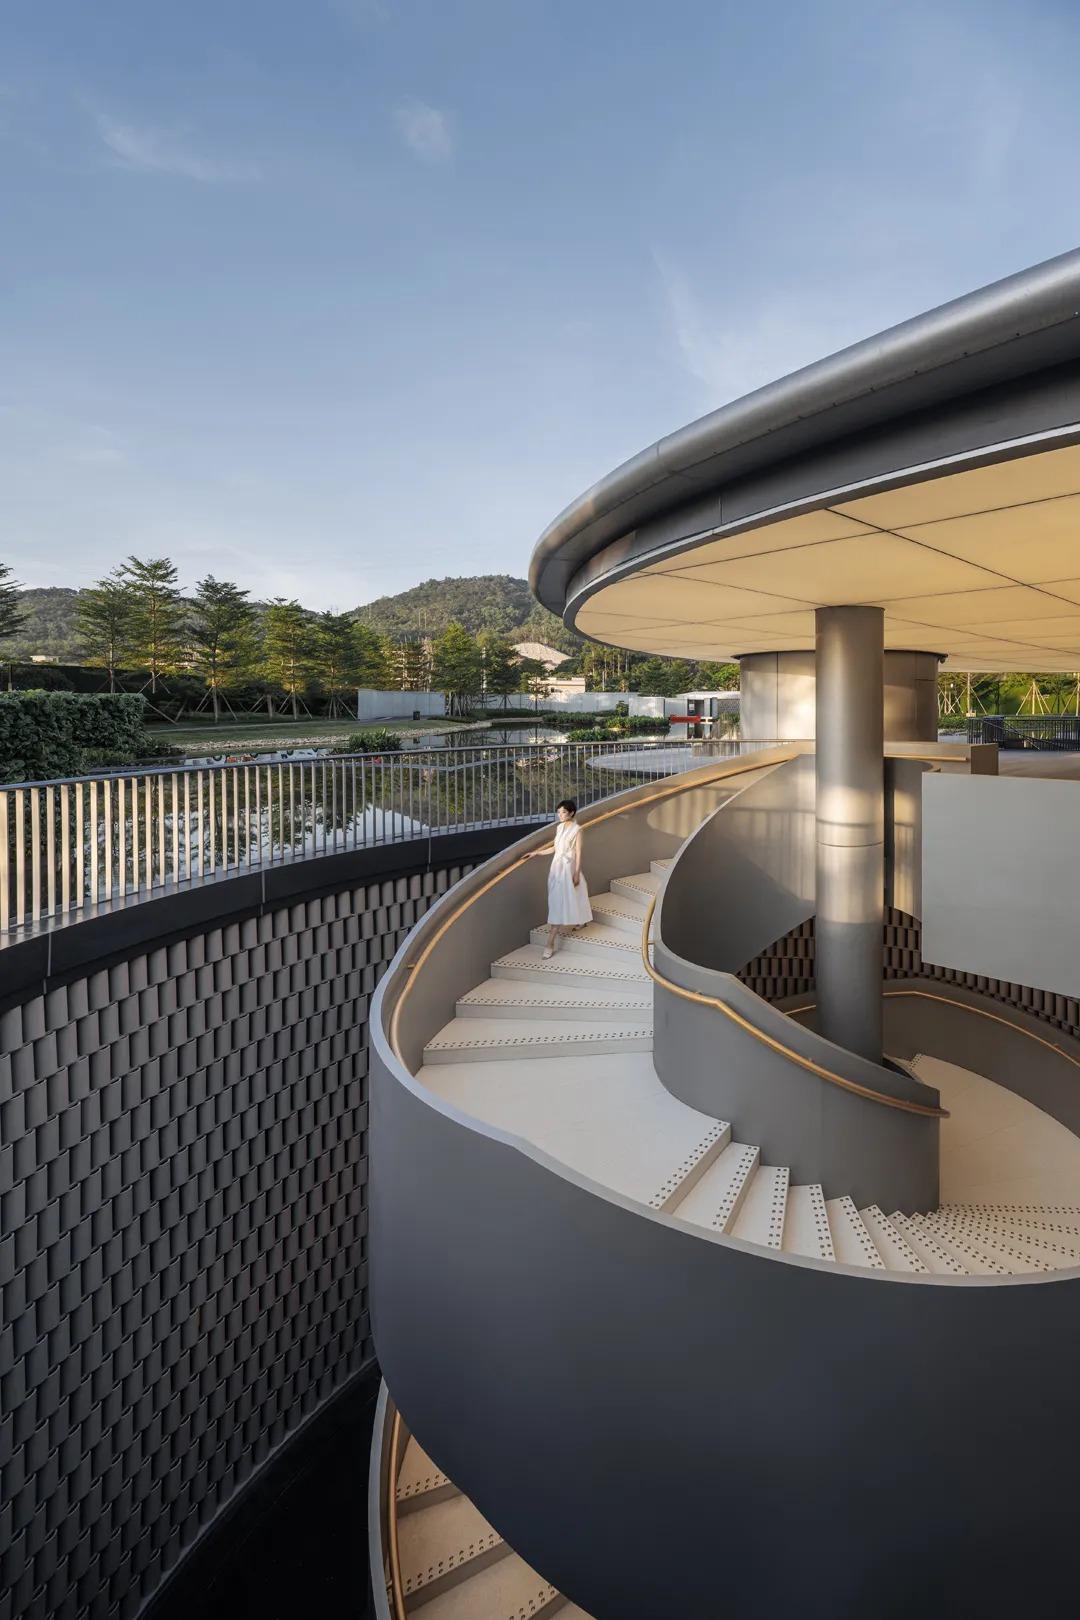 平安罗浮山中医健康产业园展示中心 浮云山舍 建筑设计  / Wutopia Lab